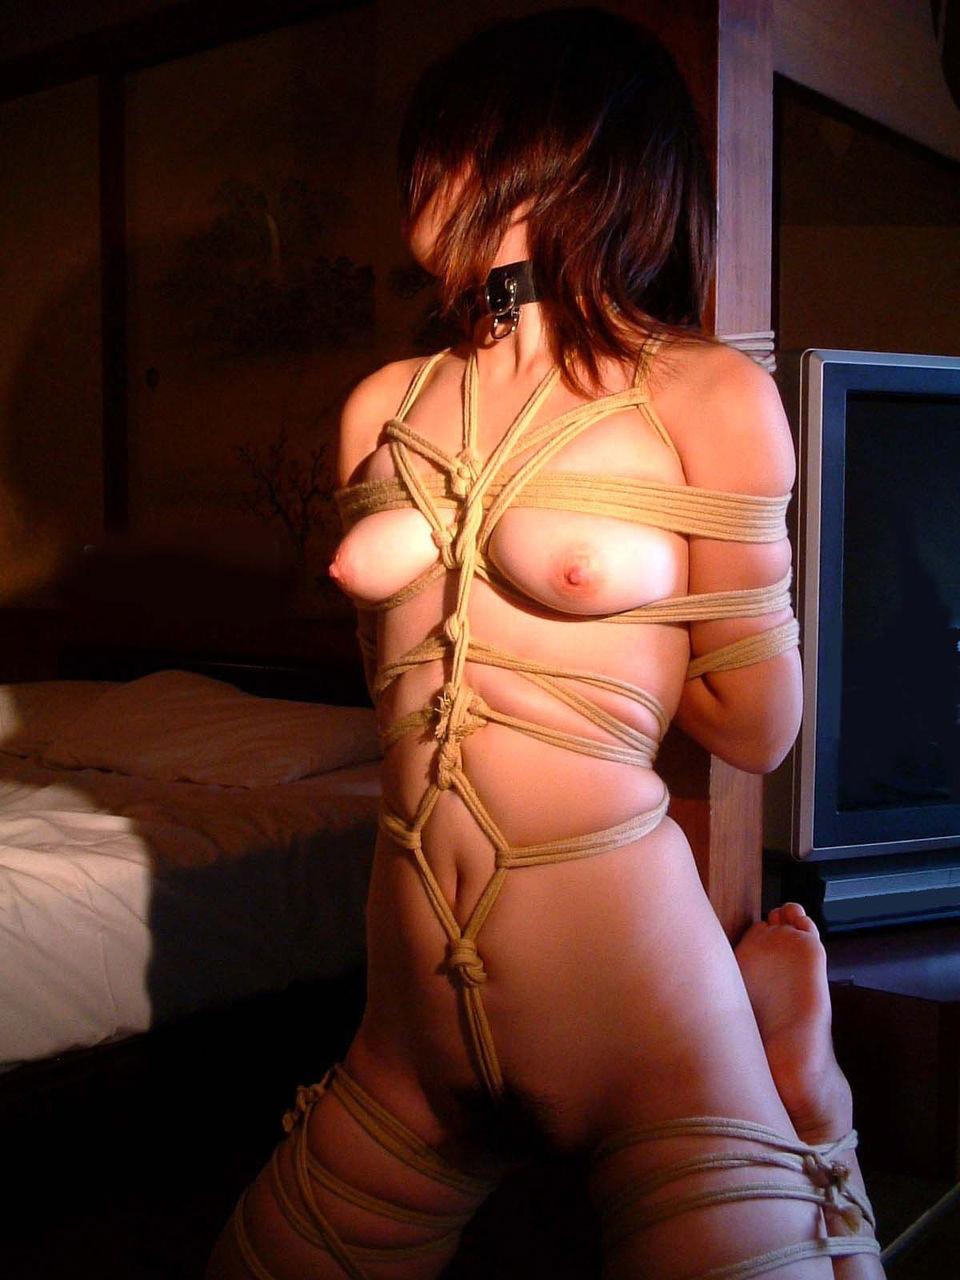 【おっぱい】ガッツリ緊縛されている女性の儚いおっぱいが抜けるwww【30枚】 06